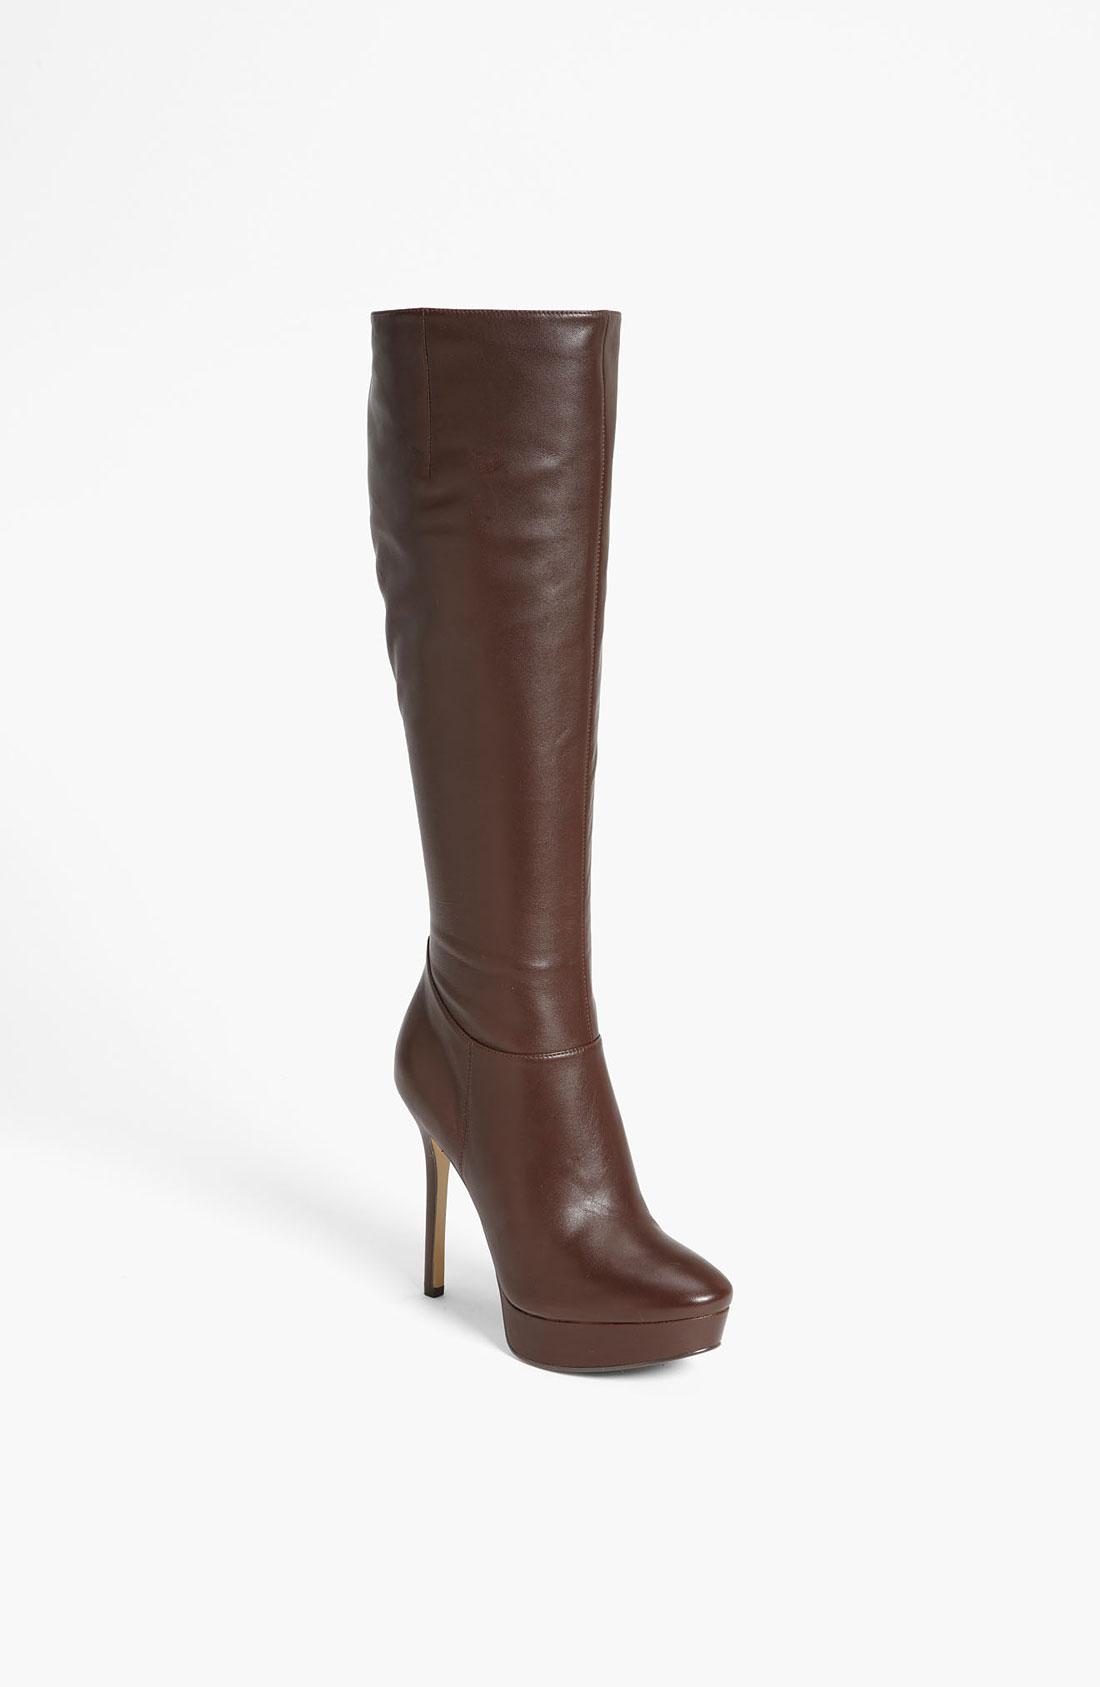 nine west fullblast boot in brown brown leather